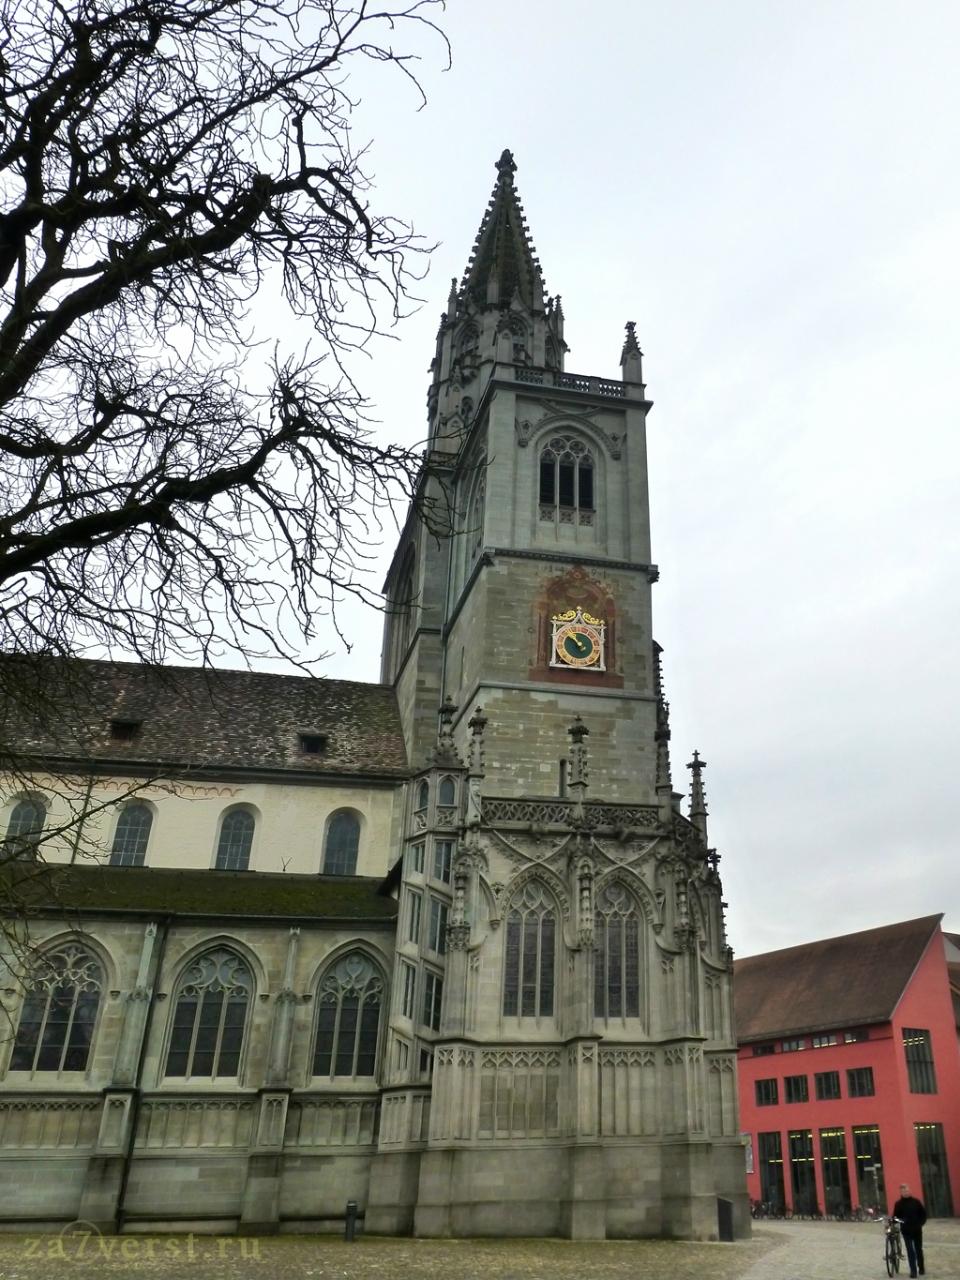 Собор Девы Марии, Констанц, Германия